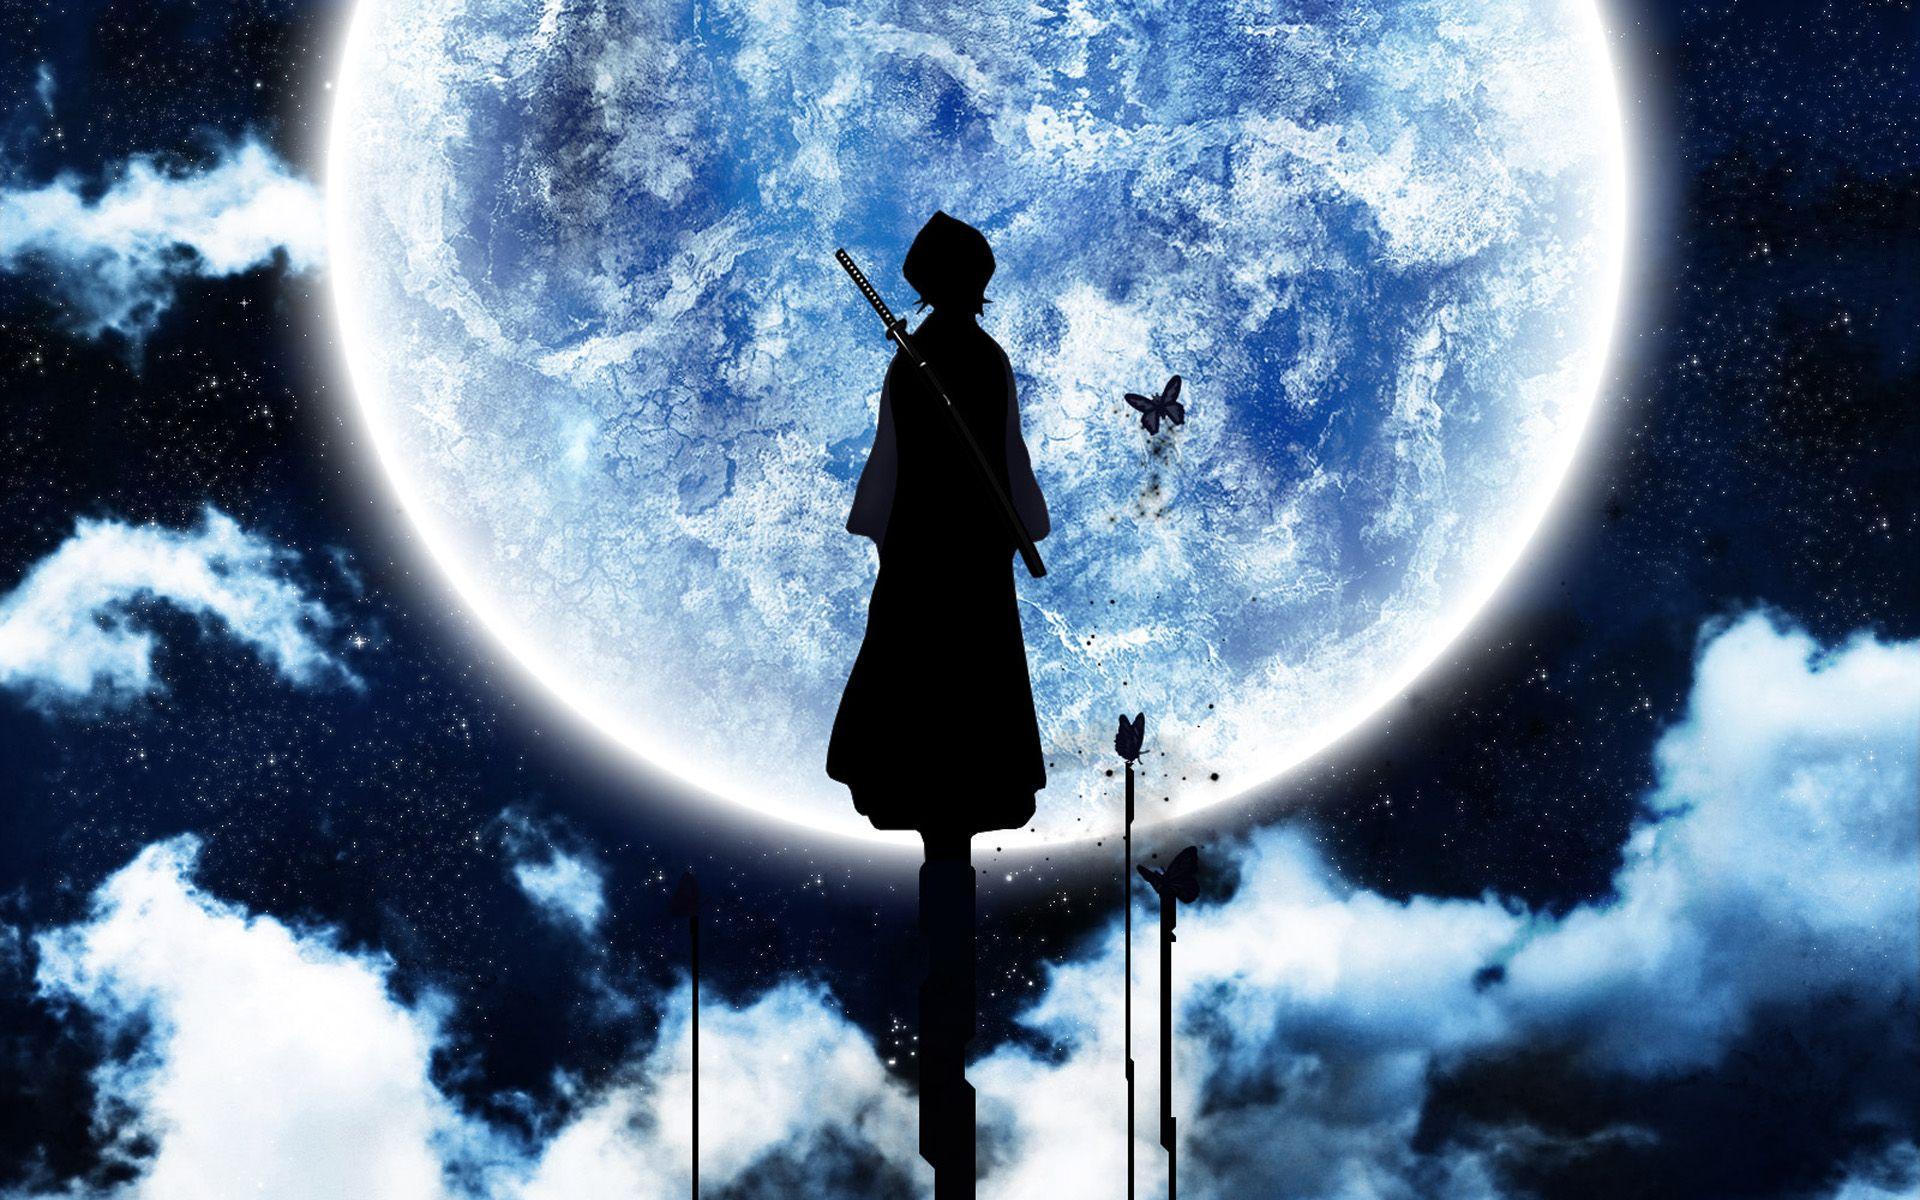 Anime sfondi luna